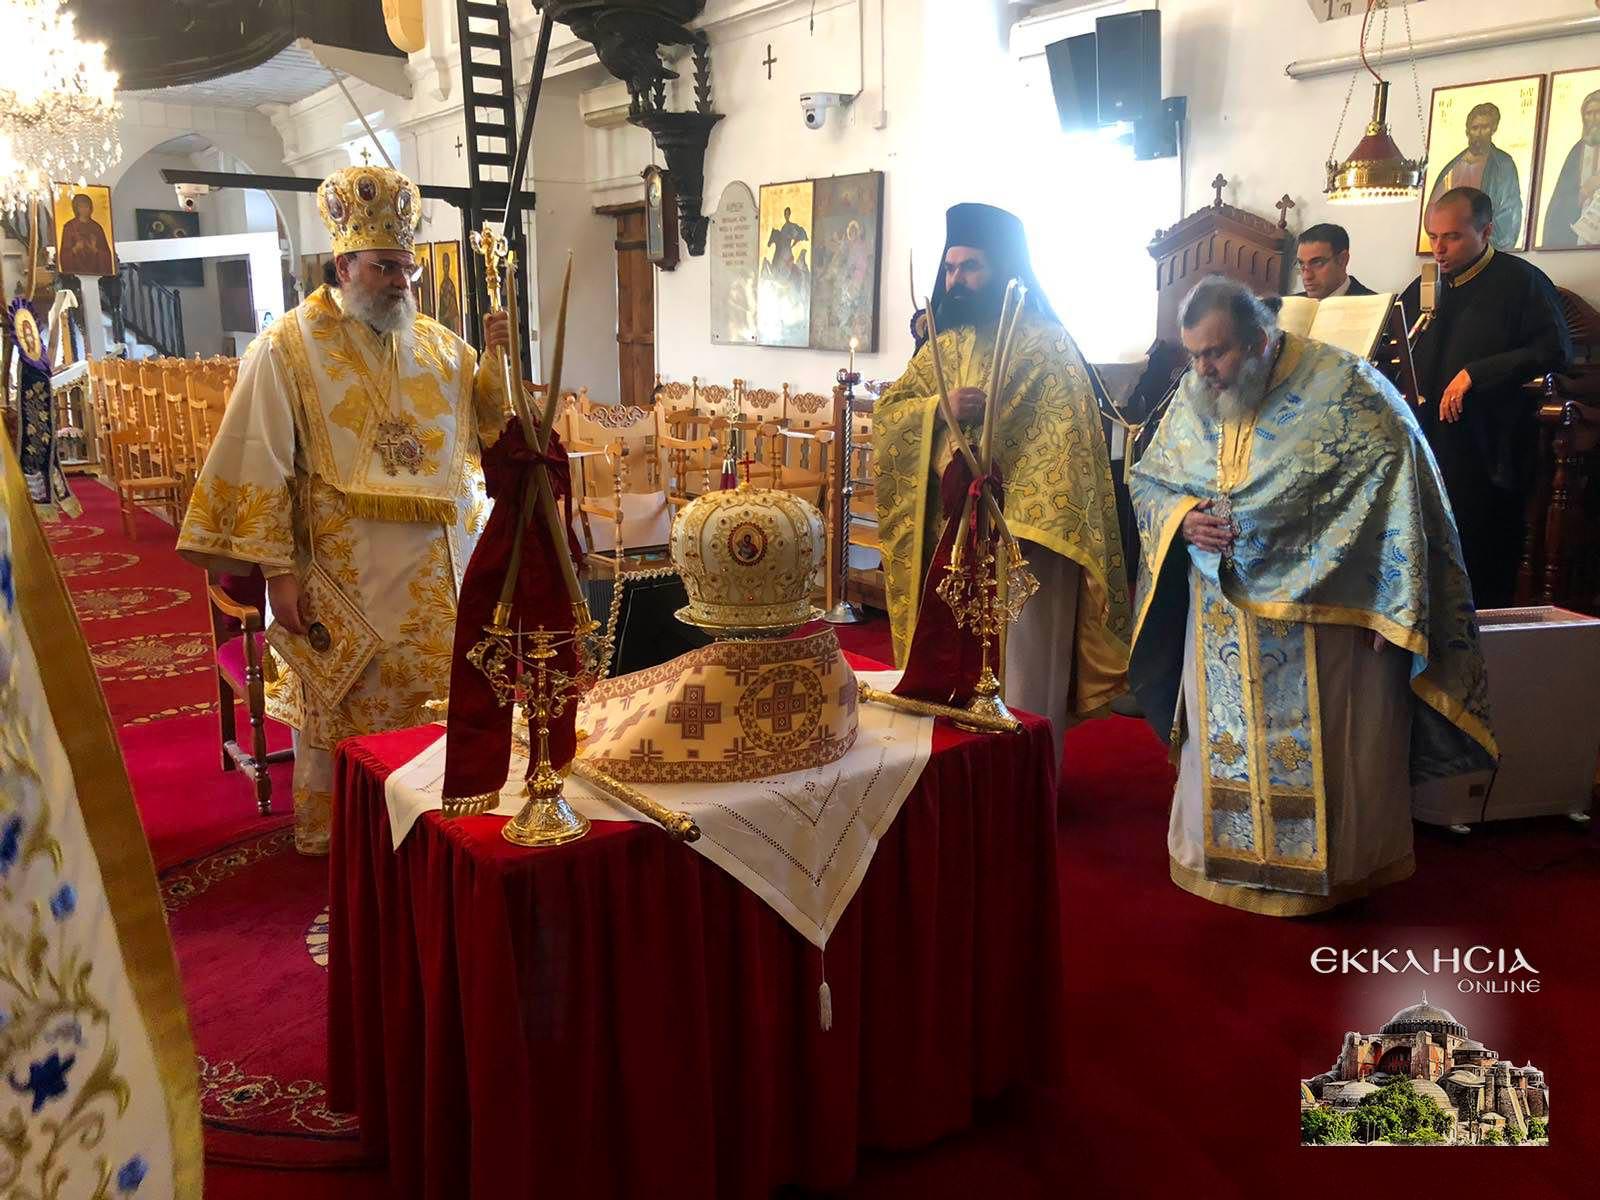 2ο ετήσιο Ιερό Μνημόσυνο Μητροπολίτου Σισανίου και Σιατίστης Παύλου